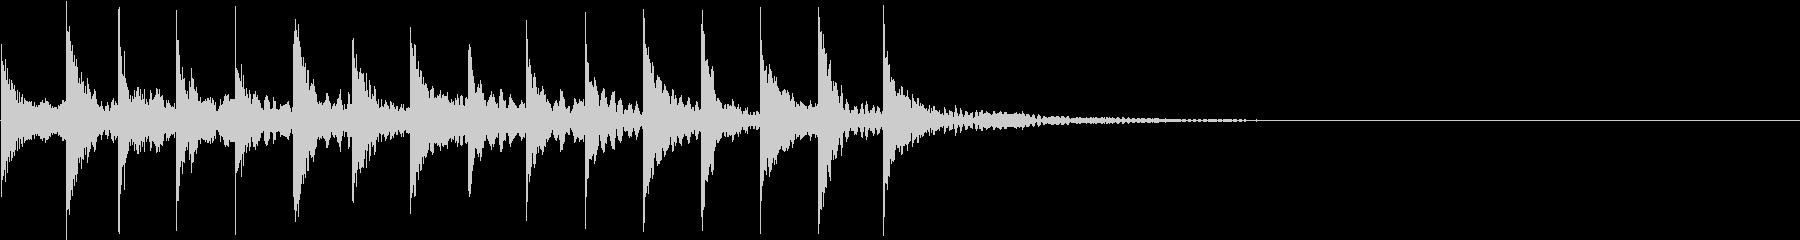 トゥルルリン(場面転換音)の未再生の波形